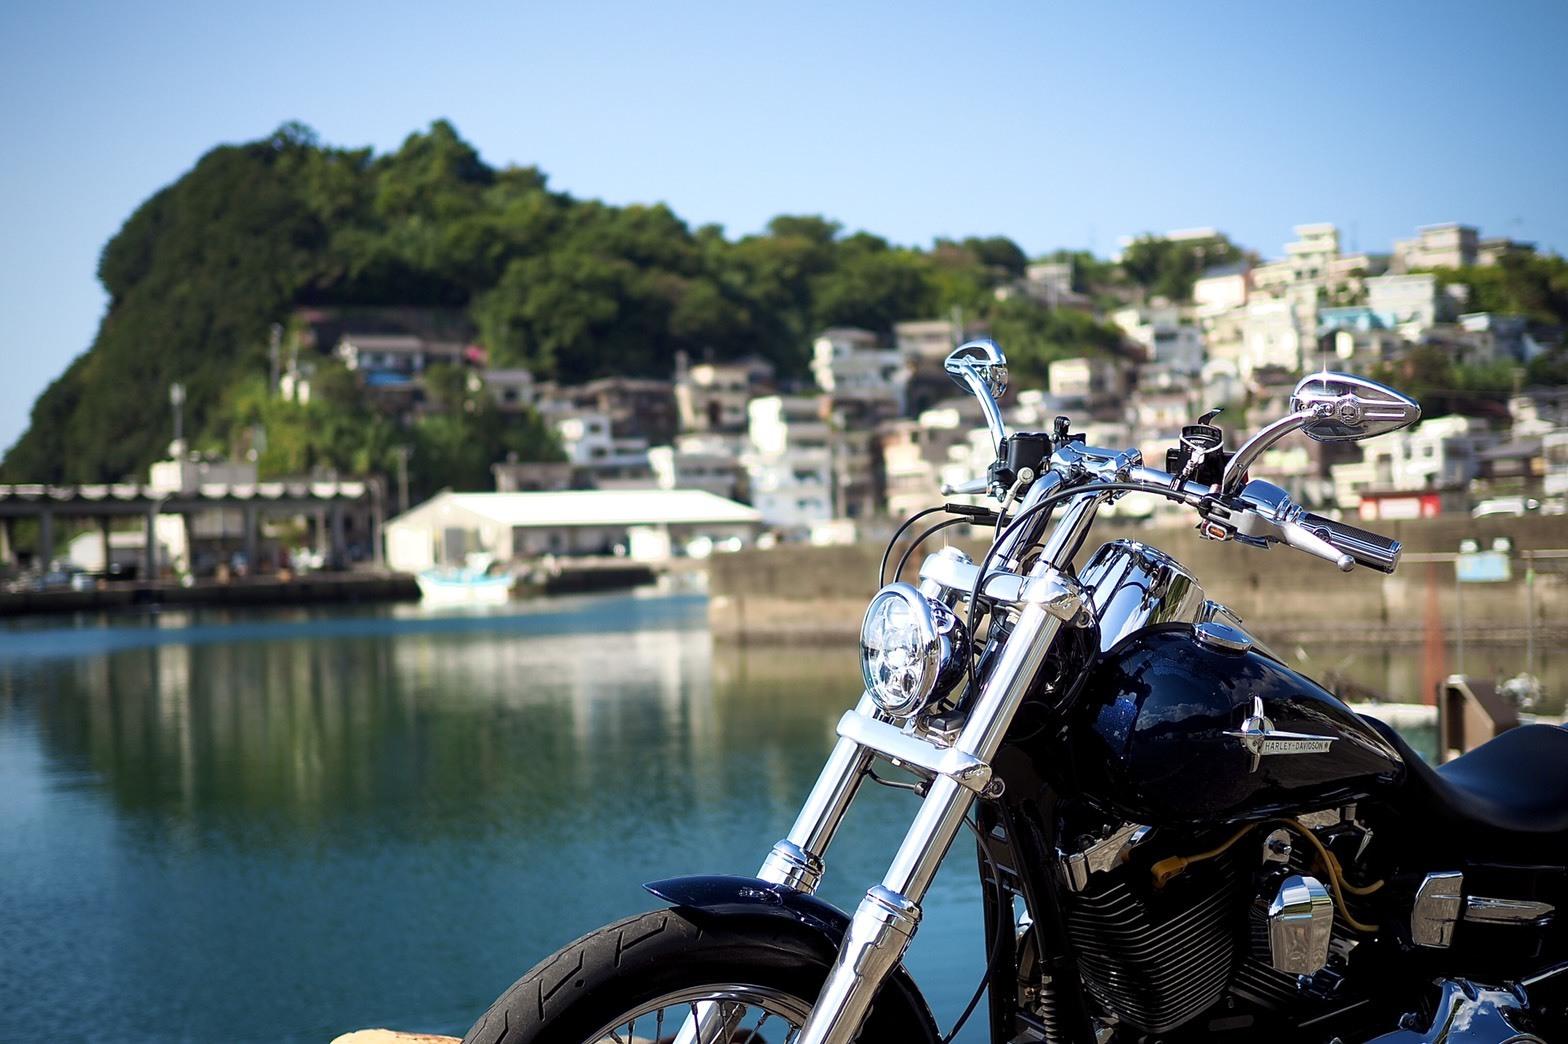 ぴーきちハーレーブログ 和歌の浦ツーリング 雑賀崎 日本のアマルフィ 綺麗な景色 絶景